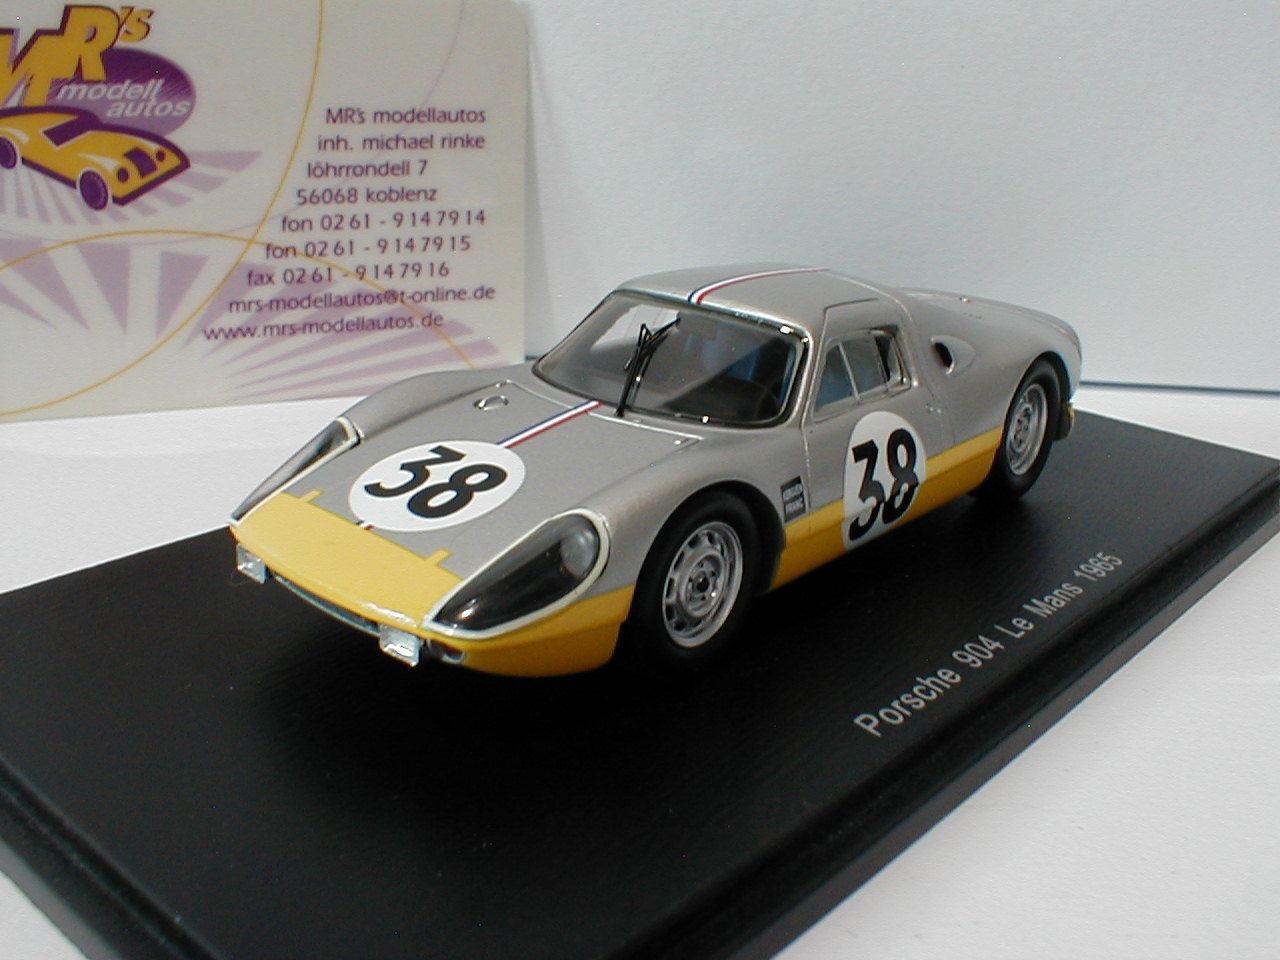 Spark s4683 Porsche 904 No. 38 24h LEMANS 1965 Franc, kerguen 1 43 NEW